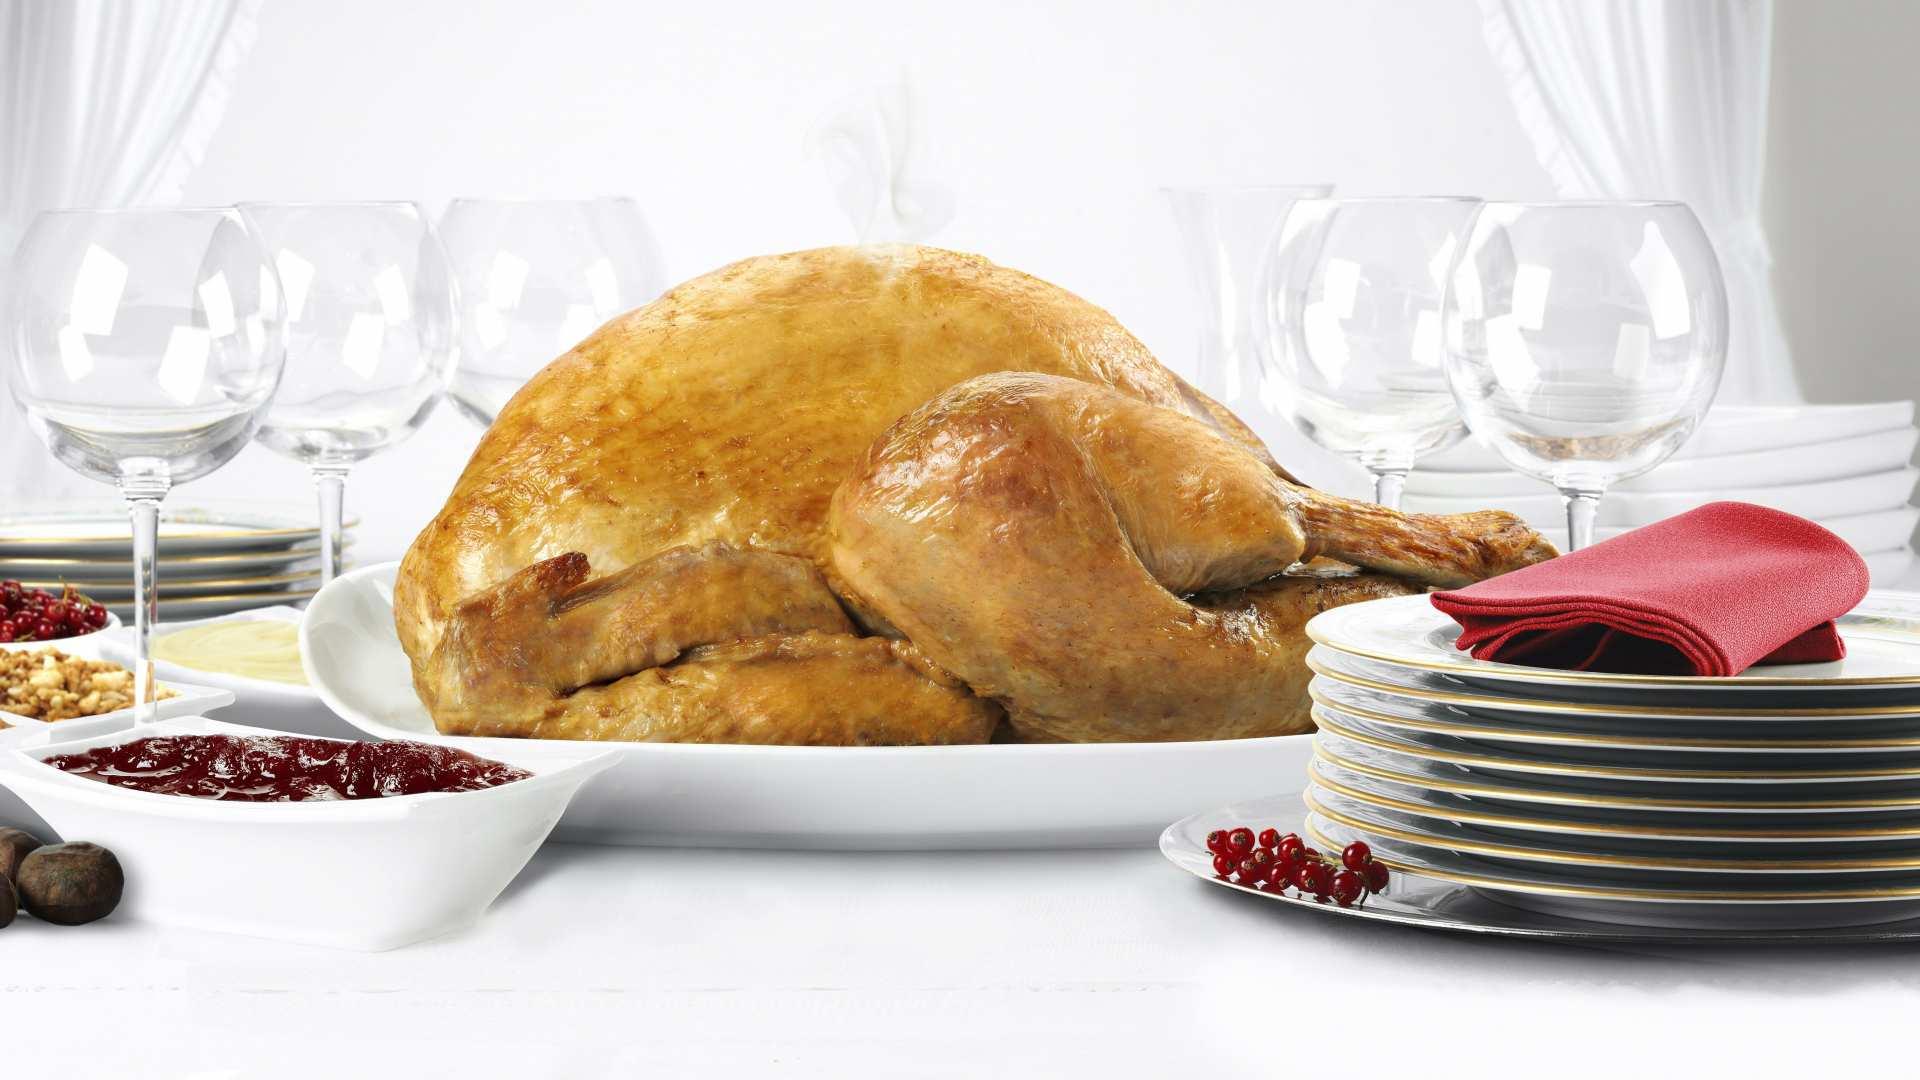 ¿Dónde vas a comer el pavo de Acción de Gracias?